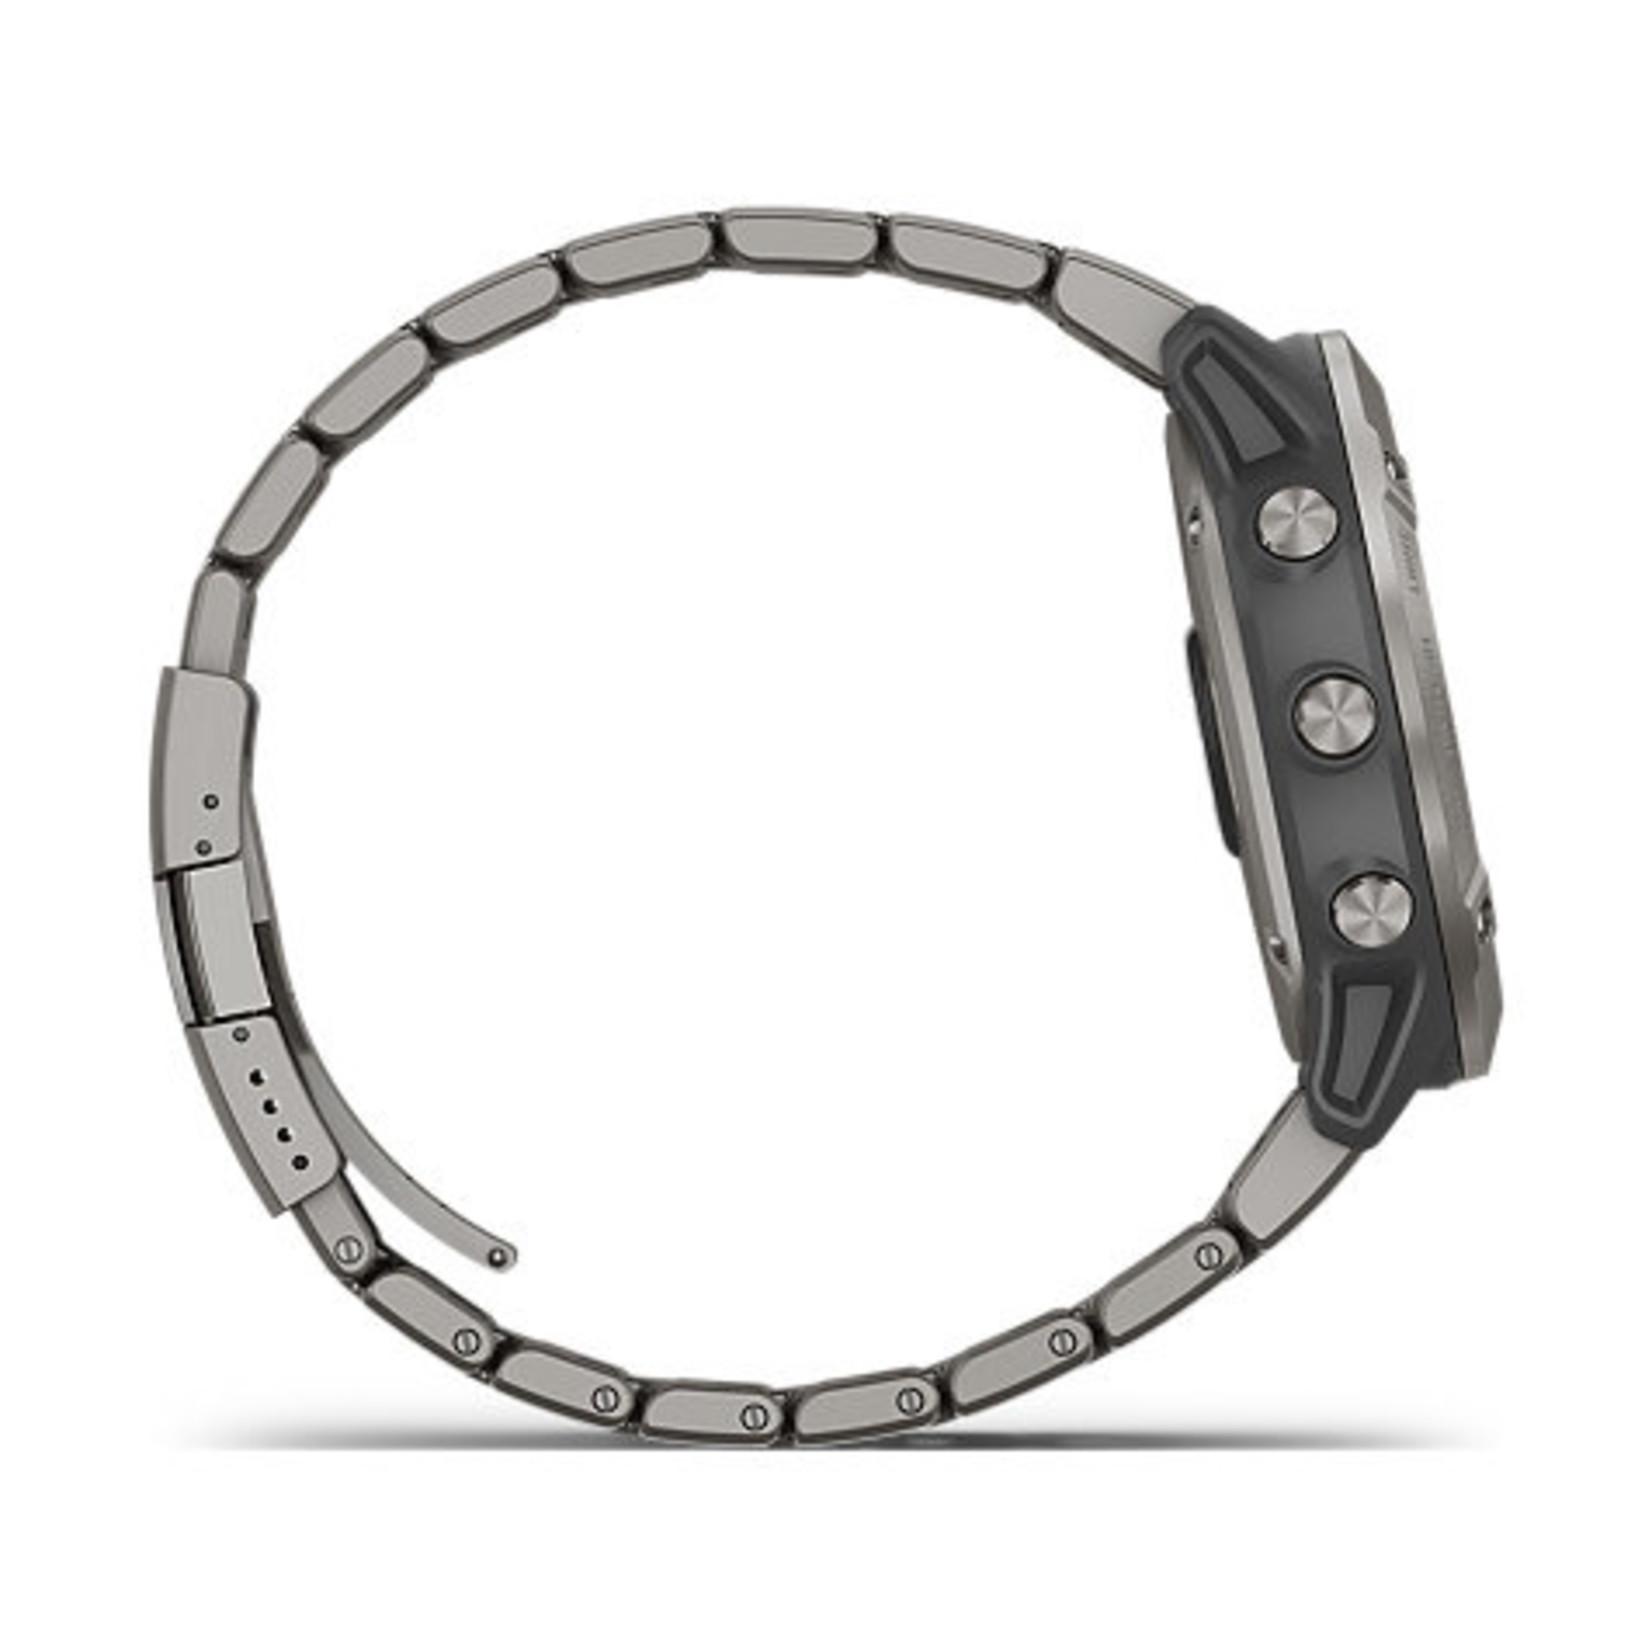 Garmin fēnix® 6X Pro Solar - Titanium with Vented Titanium Bracelet